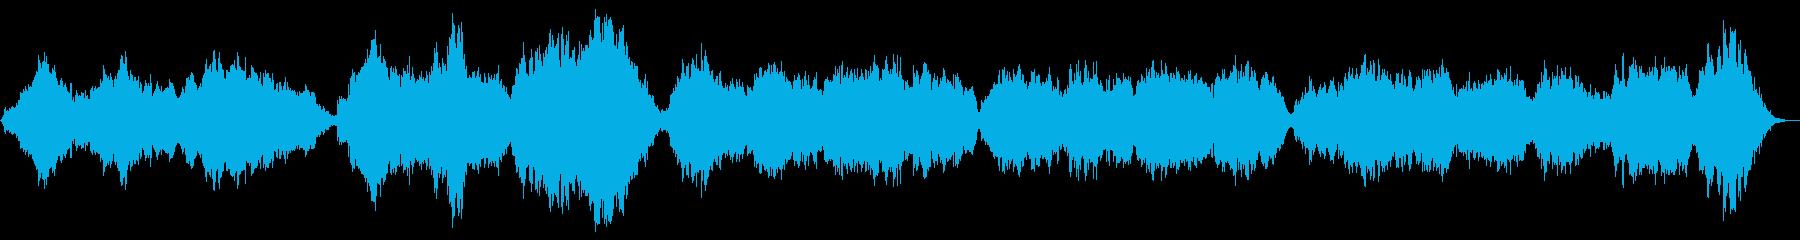 シネマティック サスペンス バック...の再生済みの波形